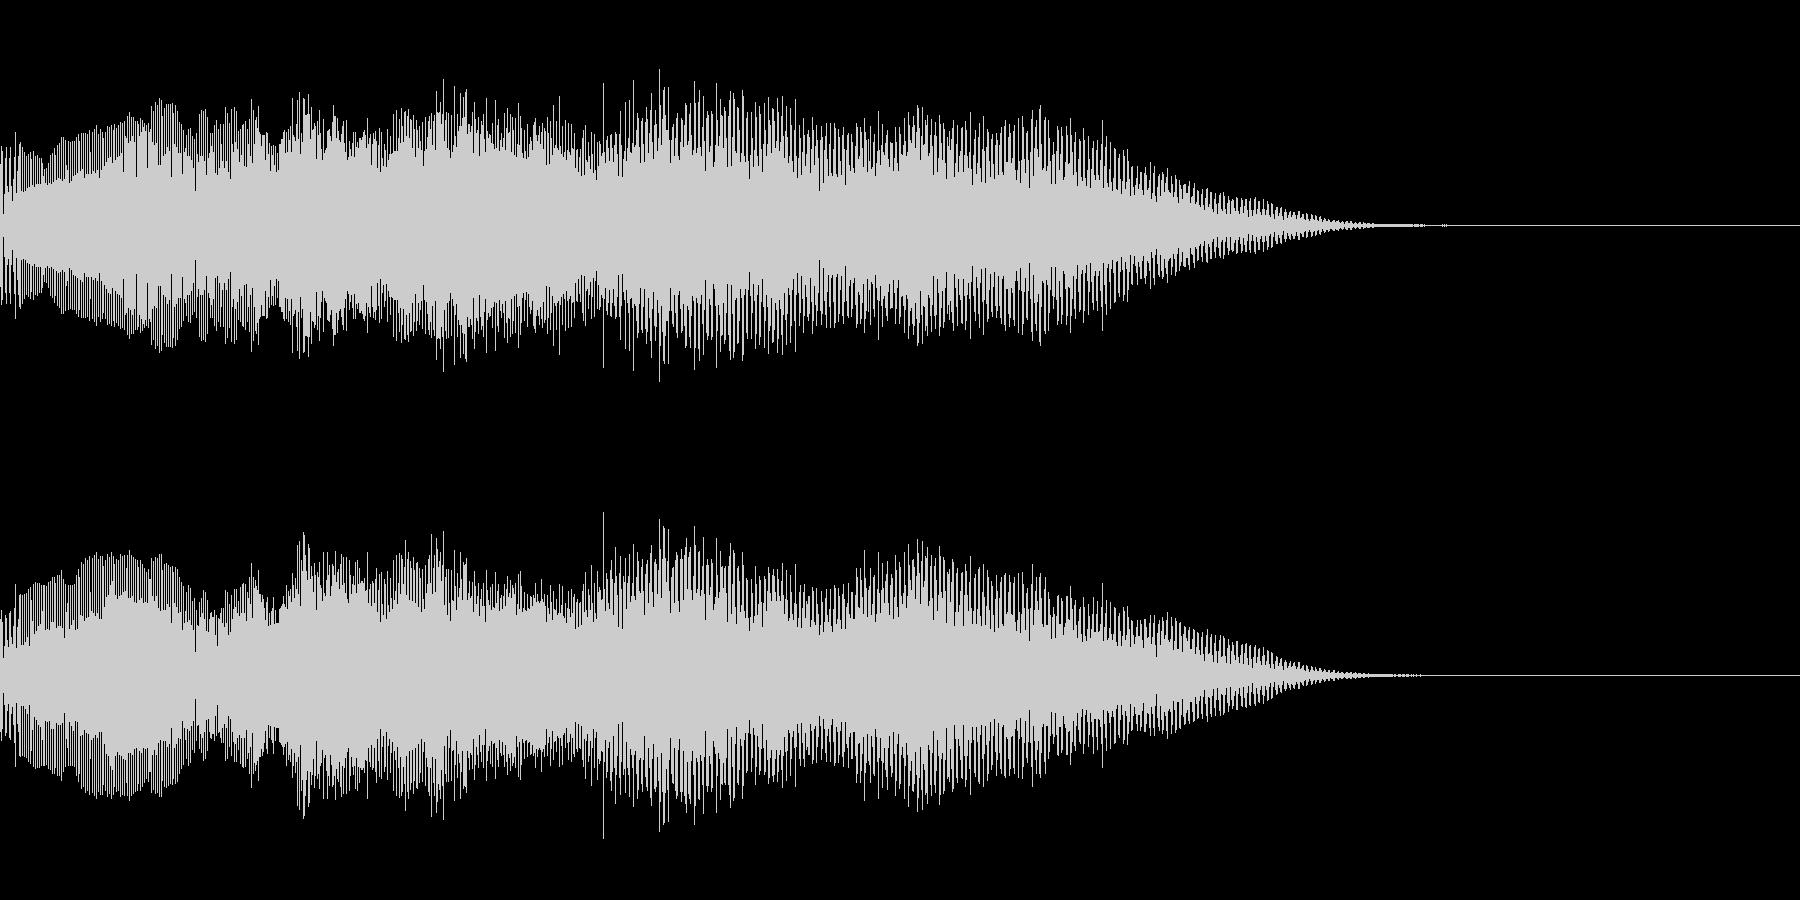 オーガニックなオープニングサウンドロゴ2の未再生の波形